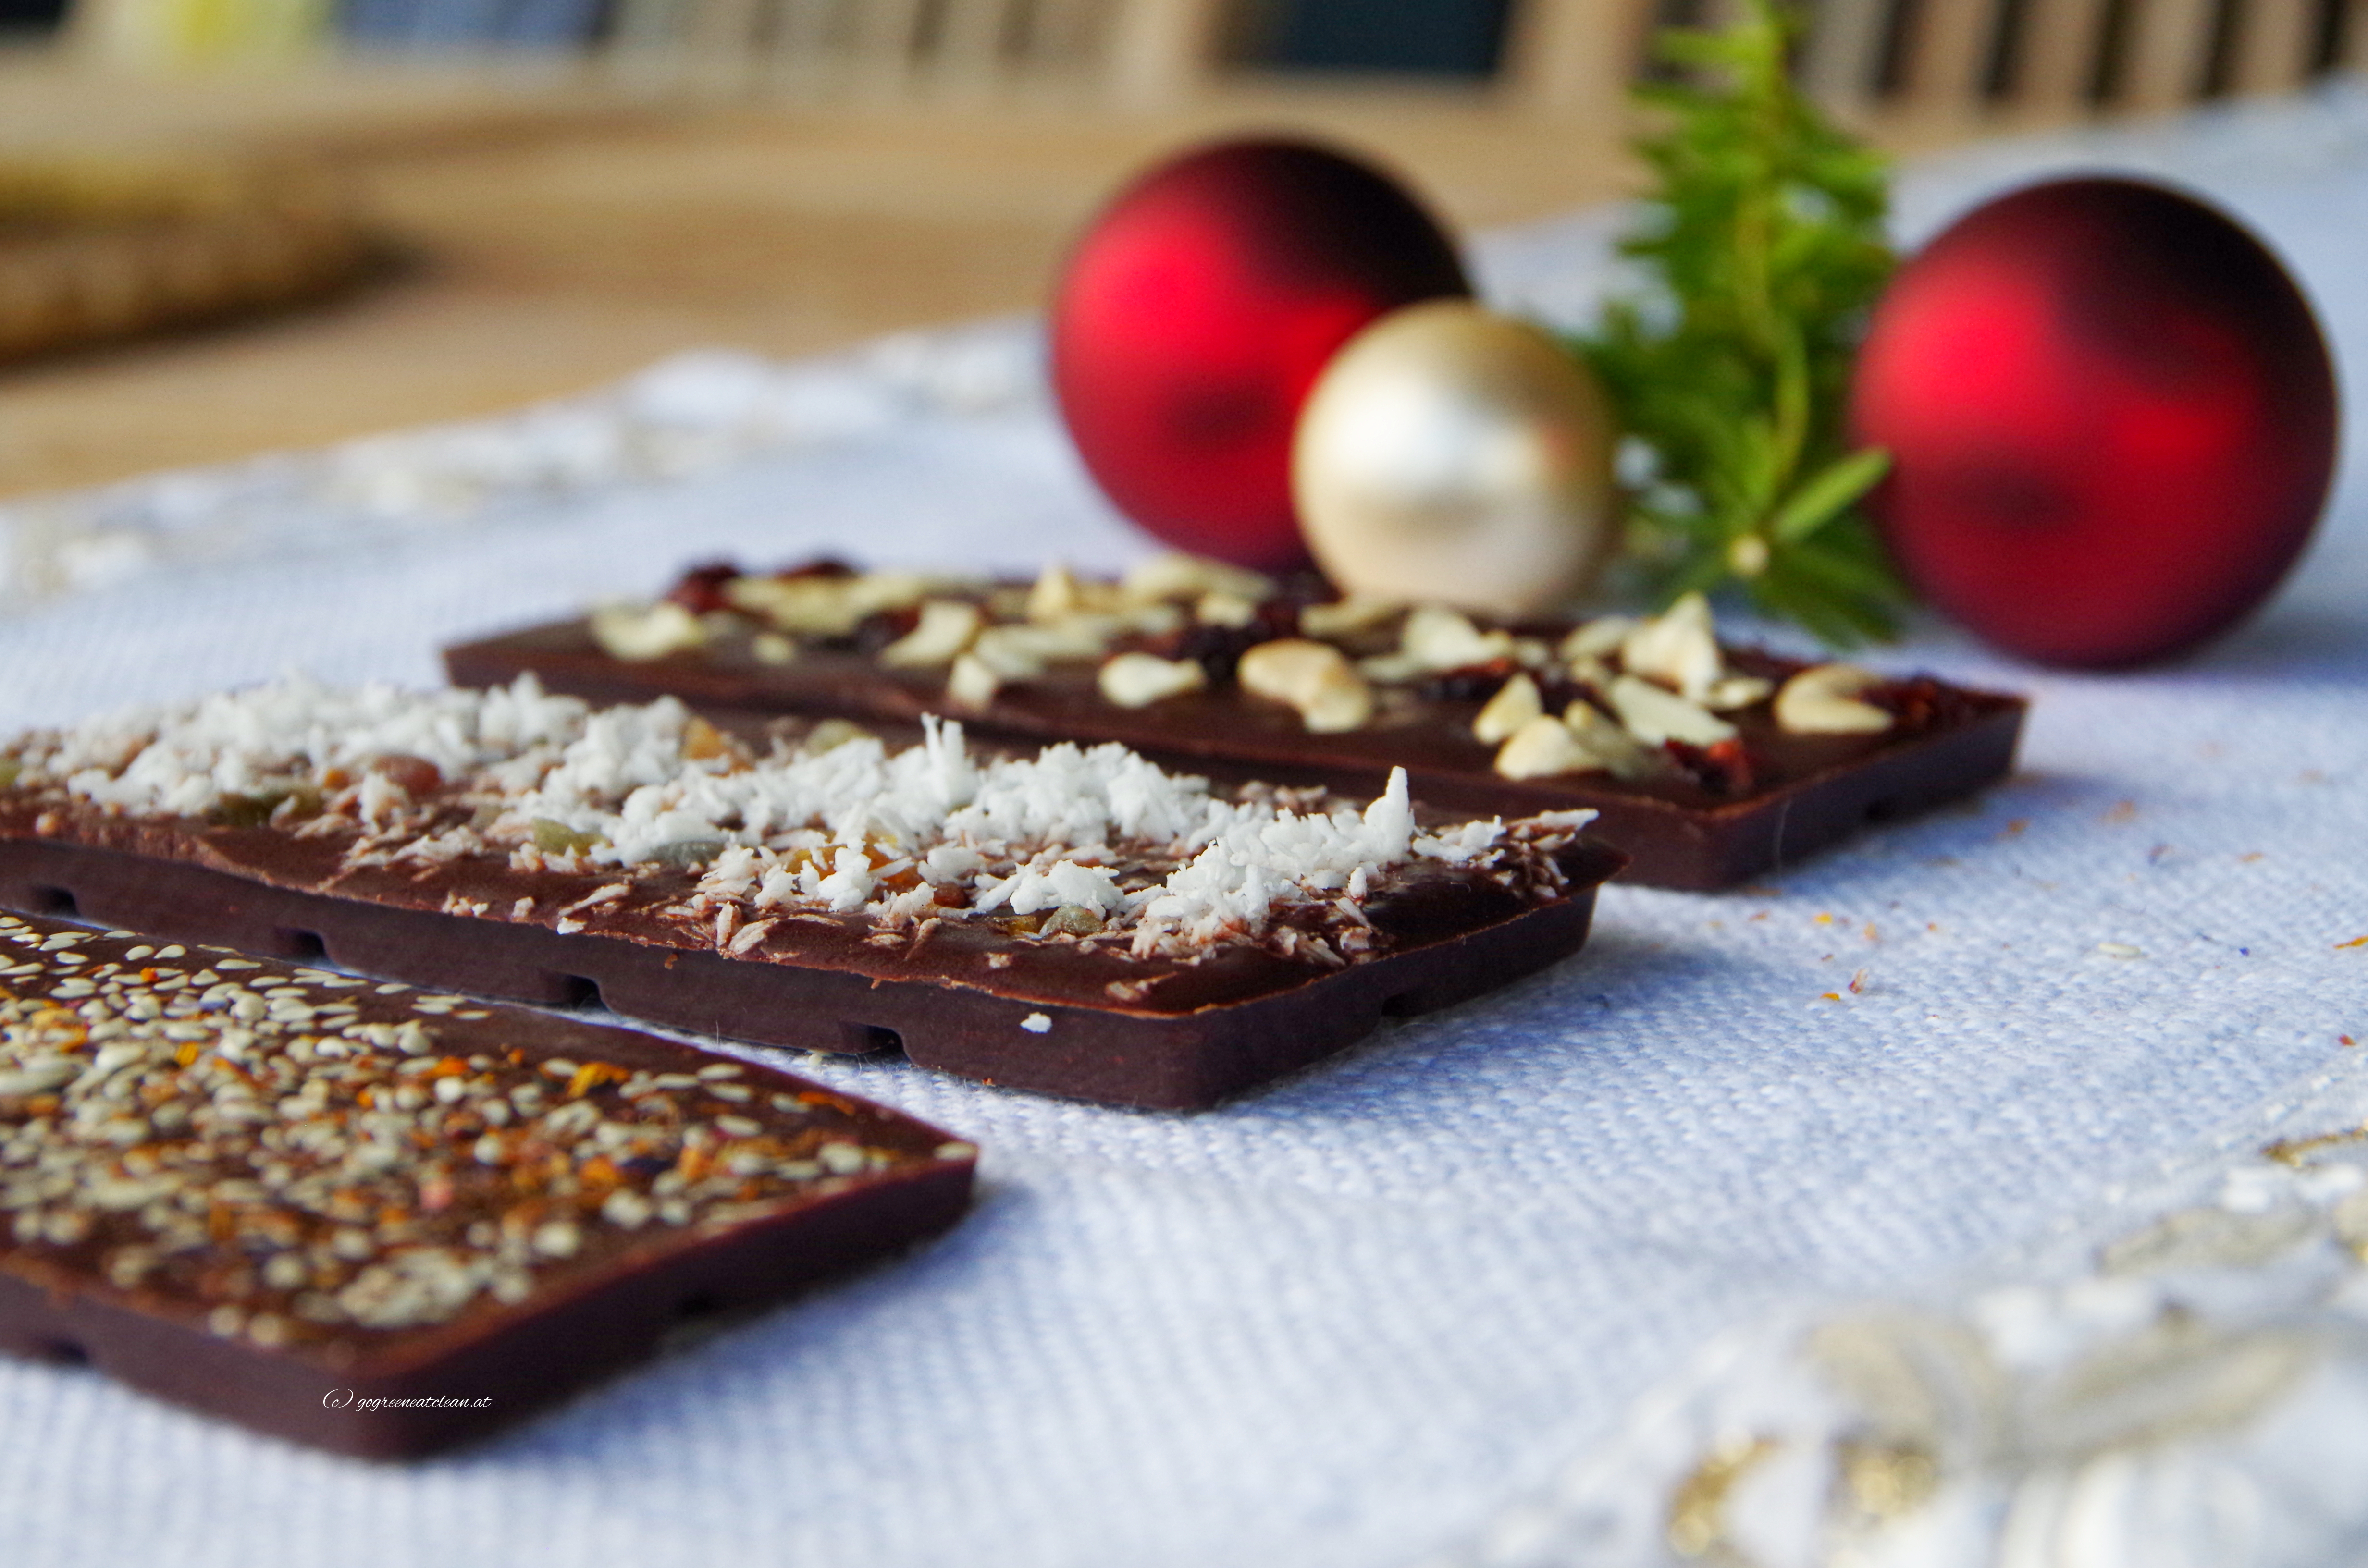 Geschenke aus der Küche #2 – selbstgemachte Schokolade – GO GREEN ...